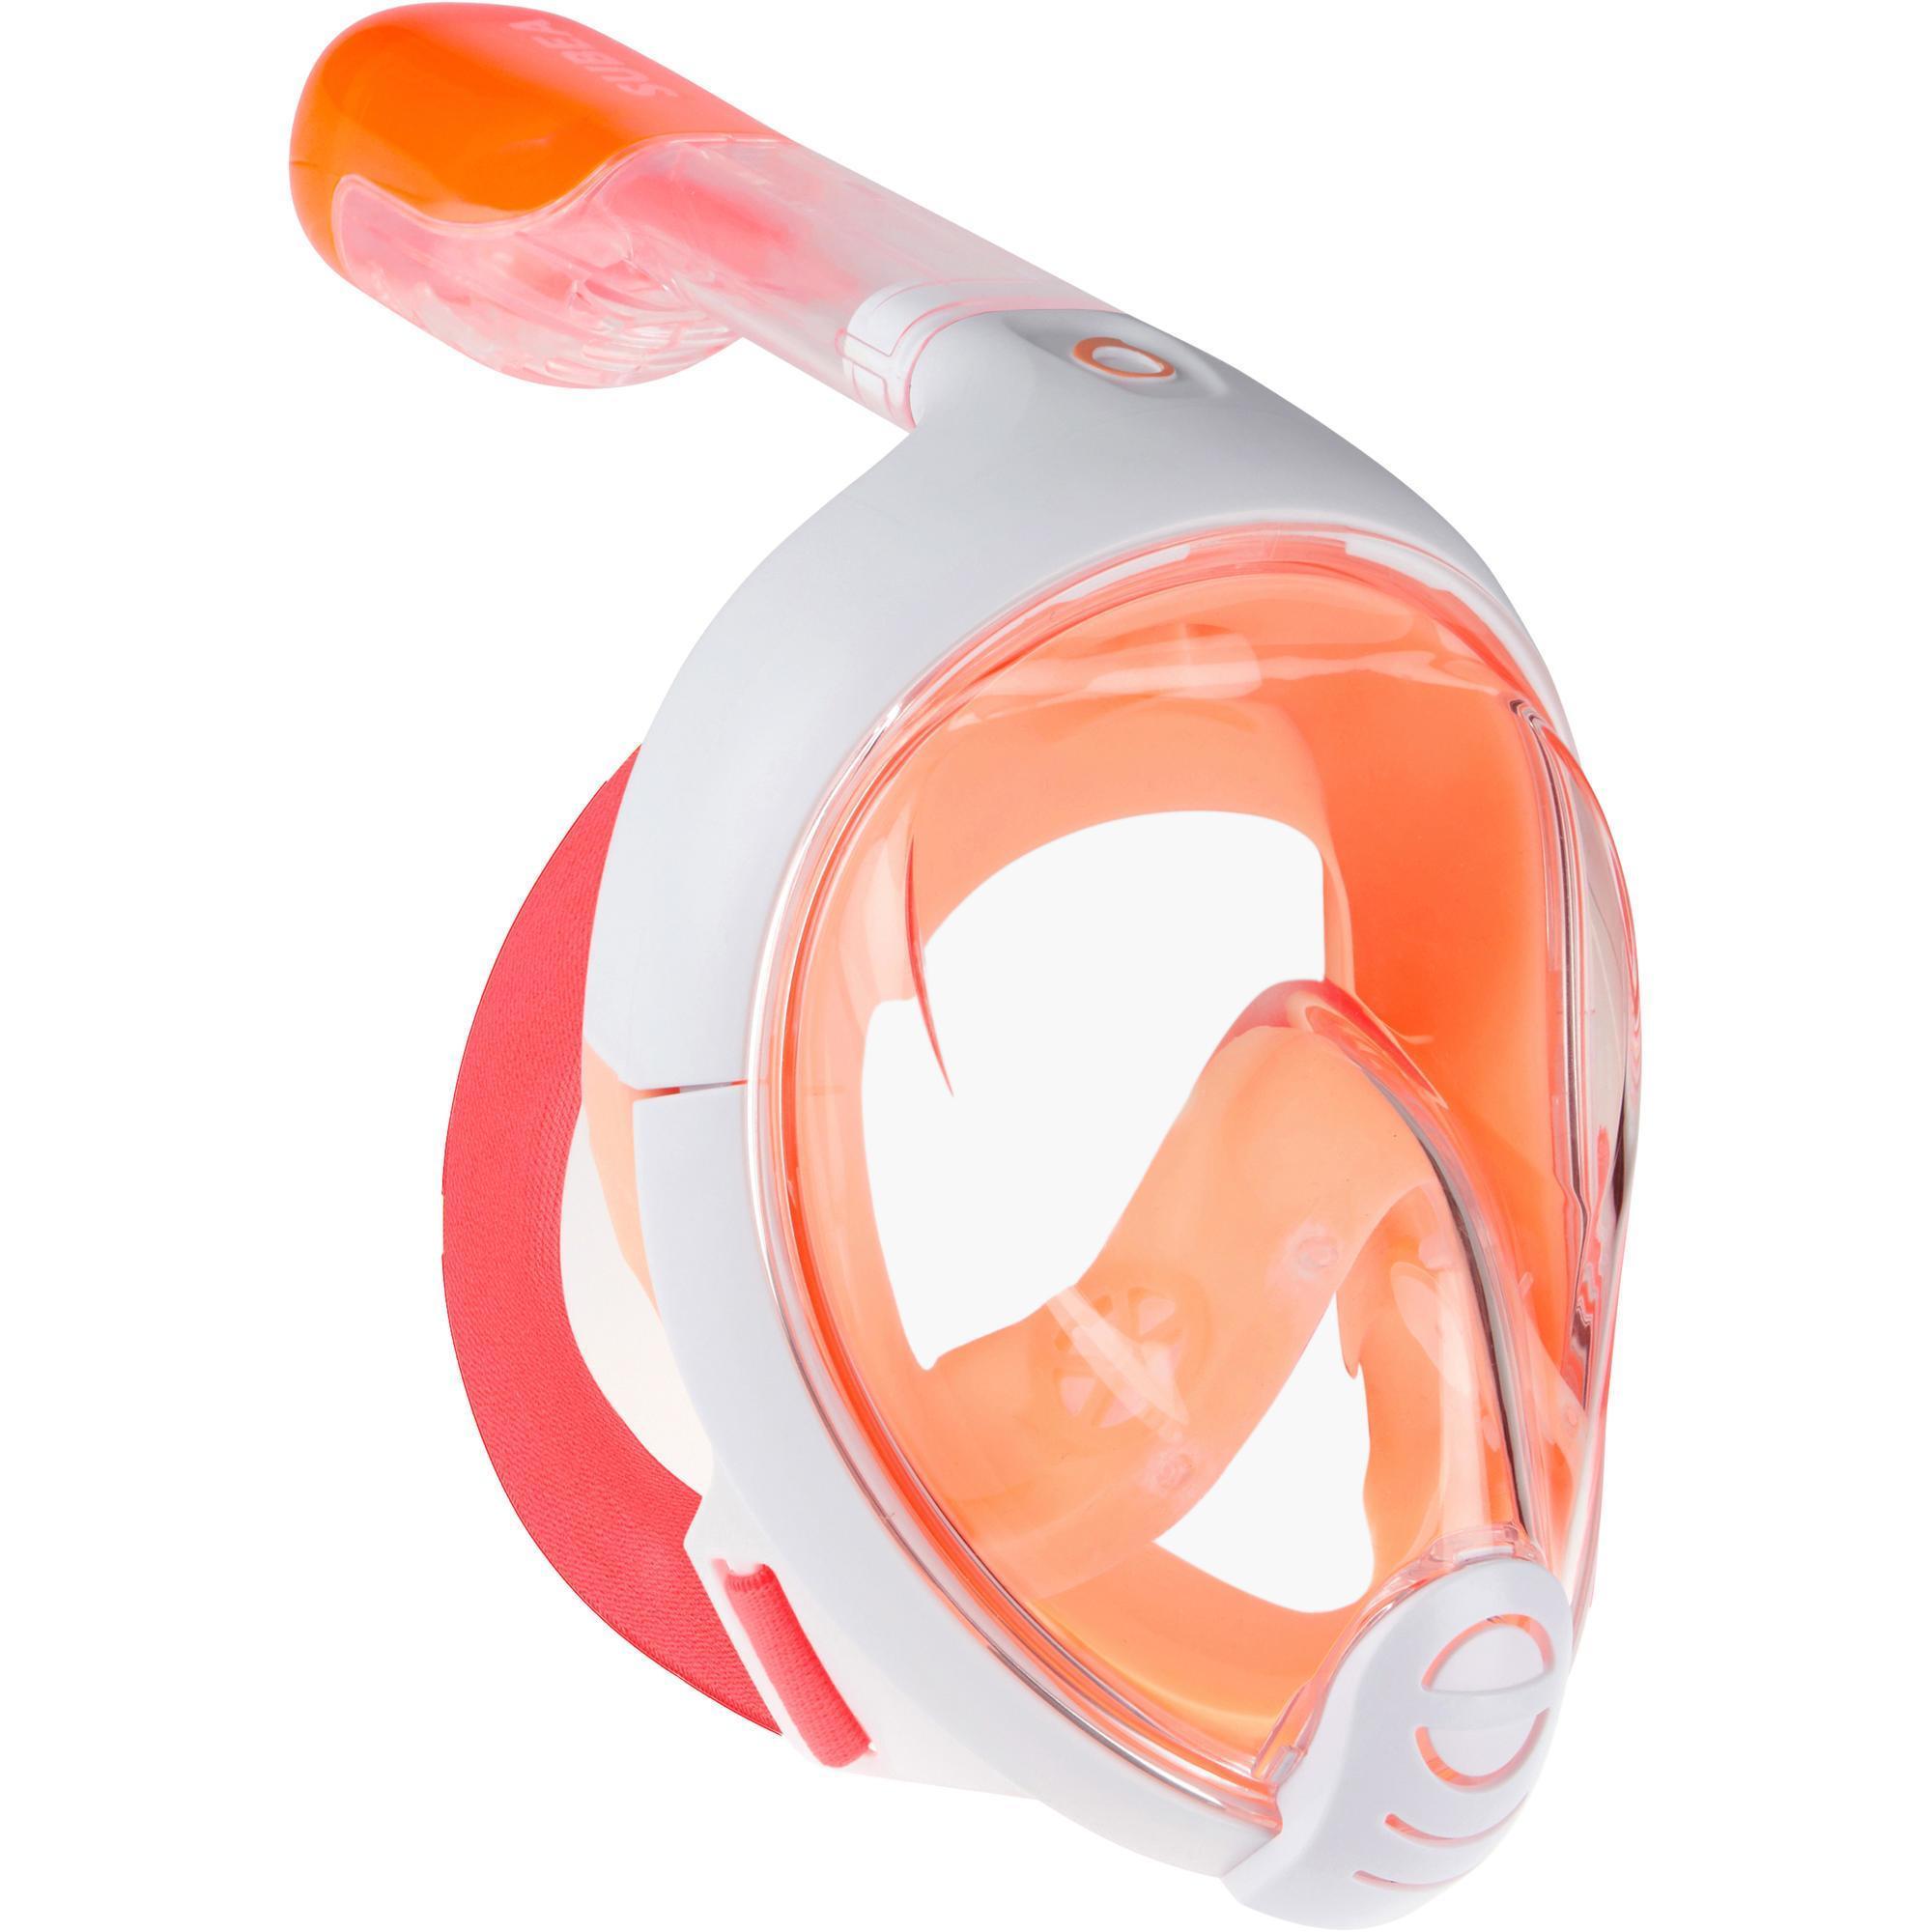 Snorkelmasker voor kinderen (6-10 jaar / maat xs) easybreath oranje